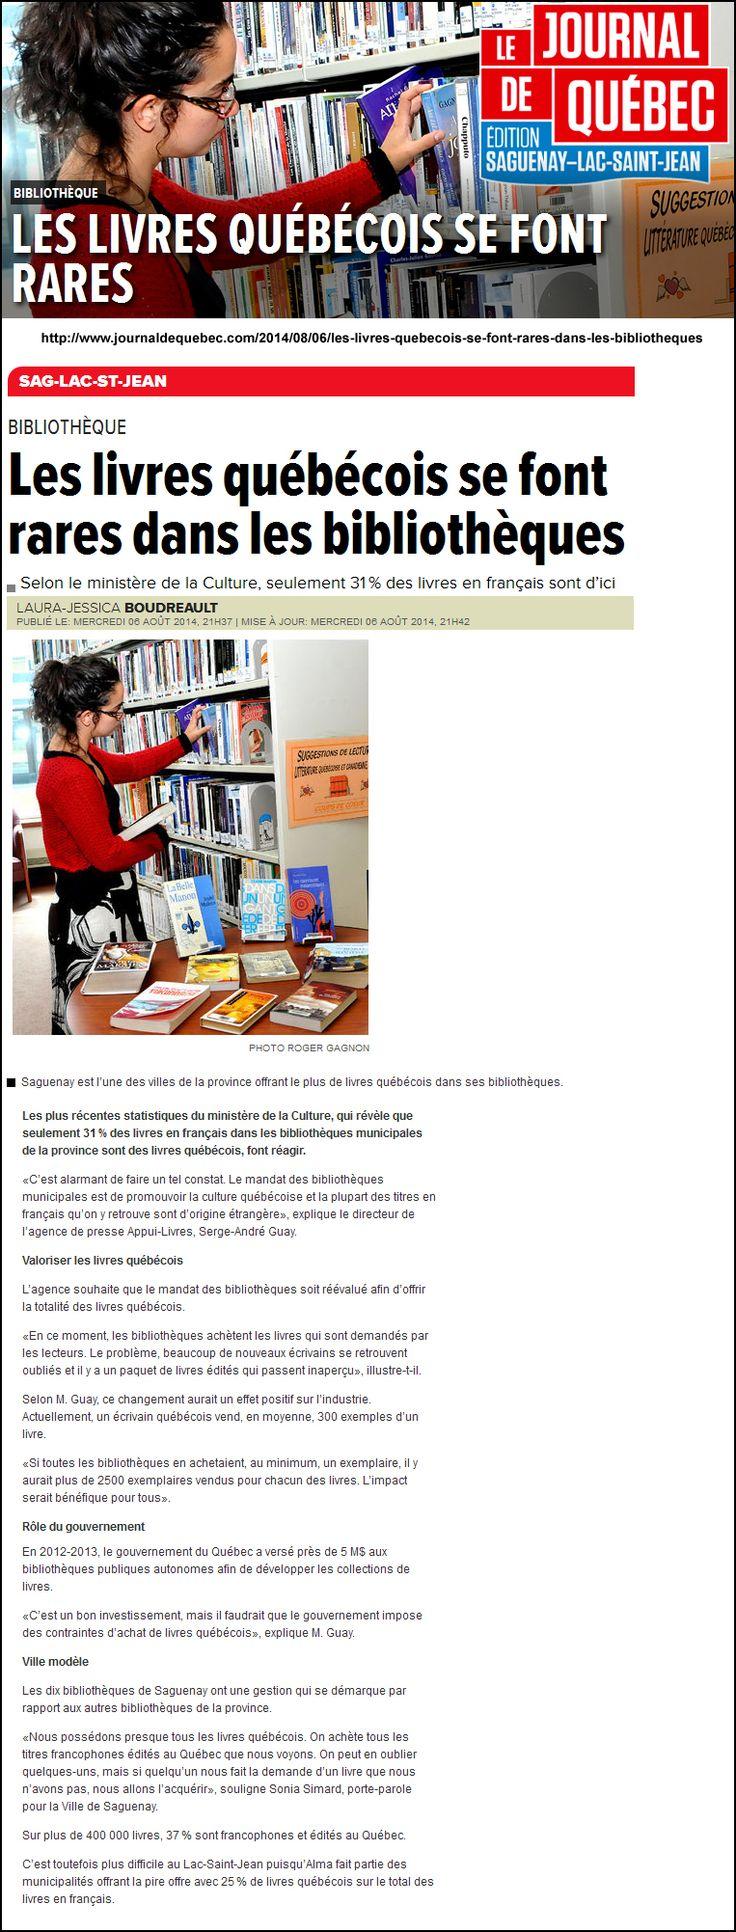 Les livres québécois se font rares dans les bibliothèques vis Le Journal de Québec Saguenay-Lac-St-Jean